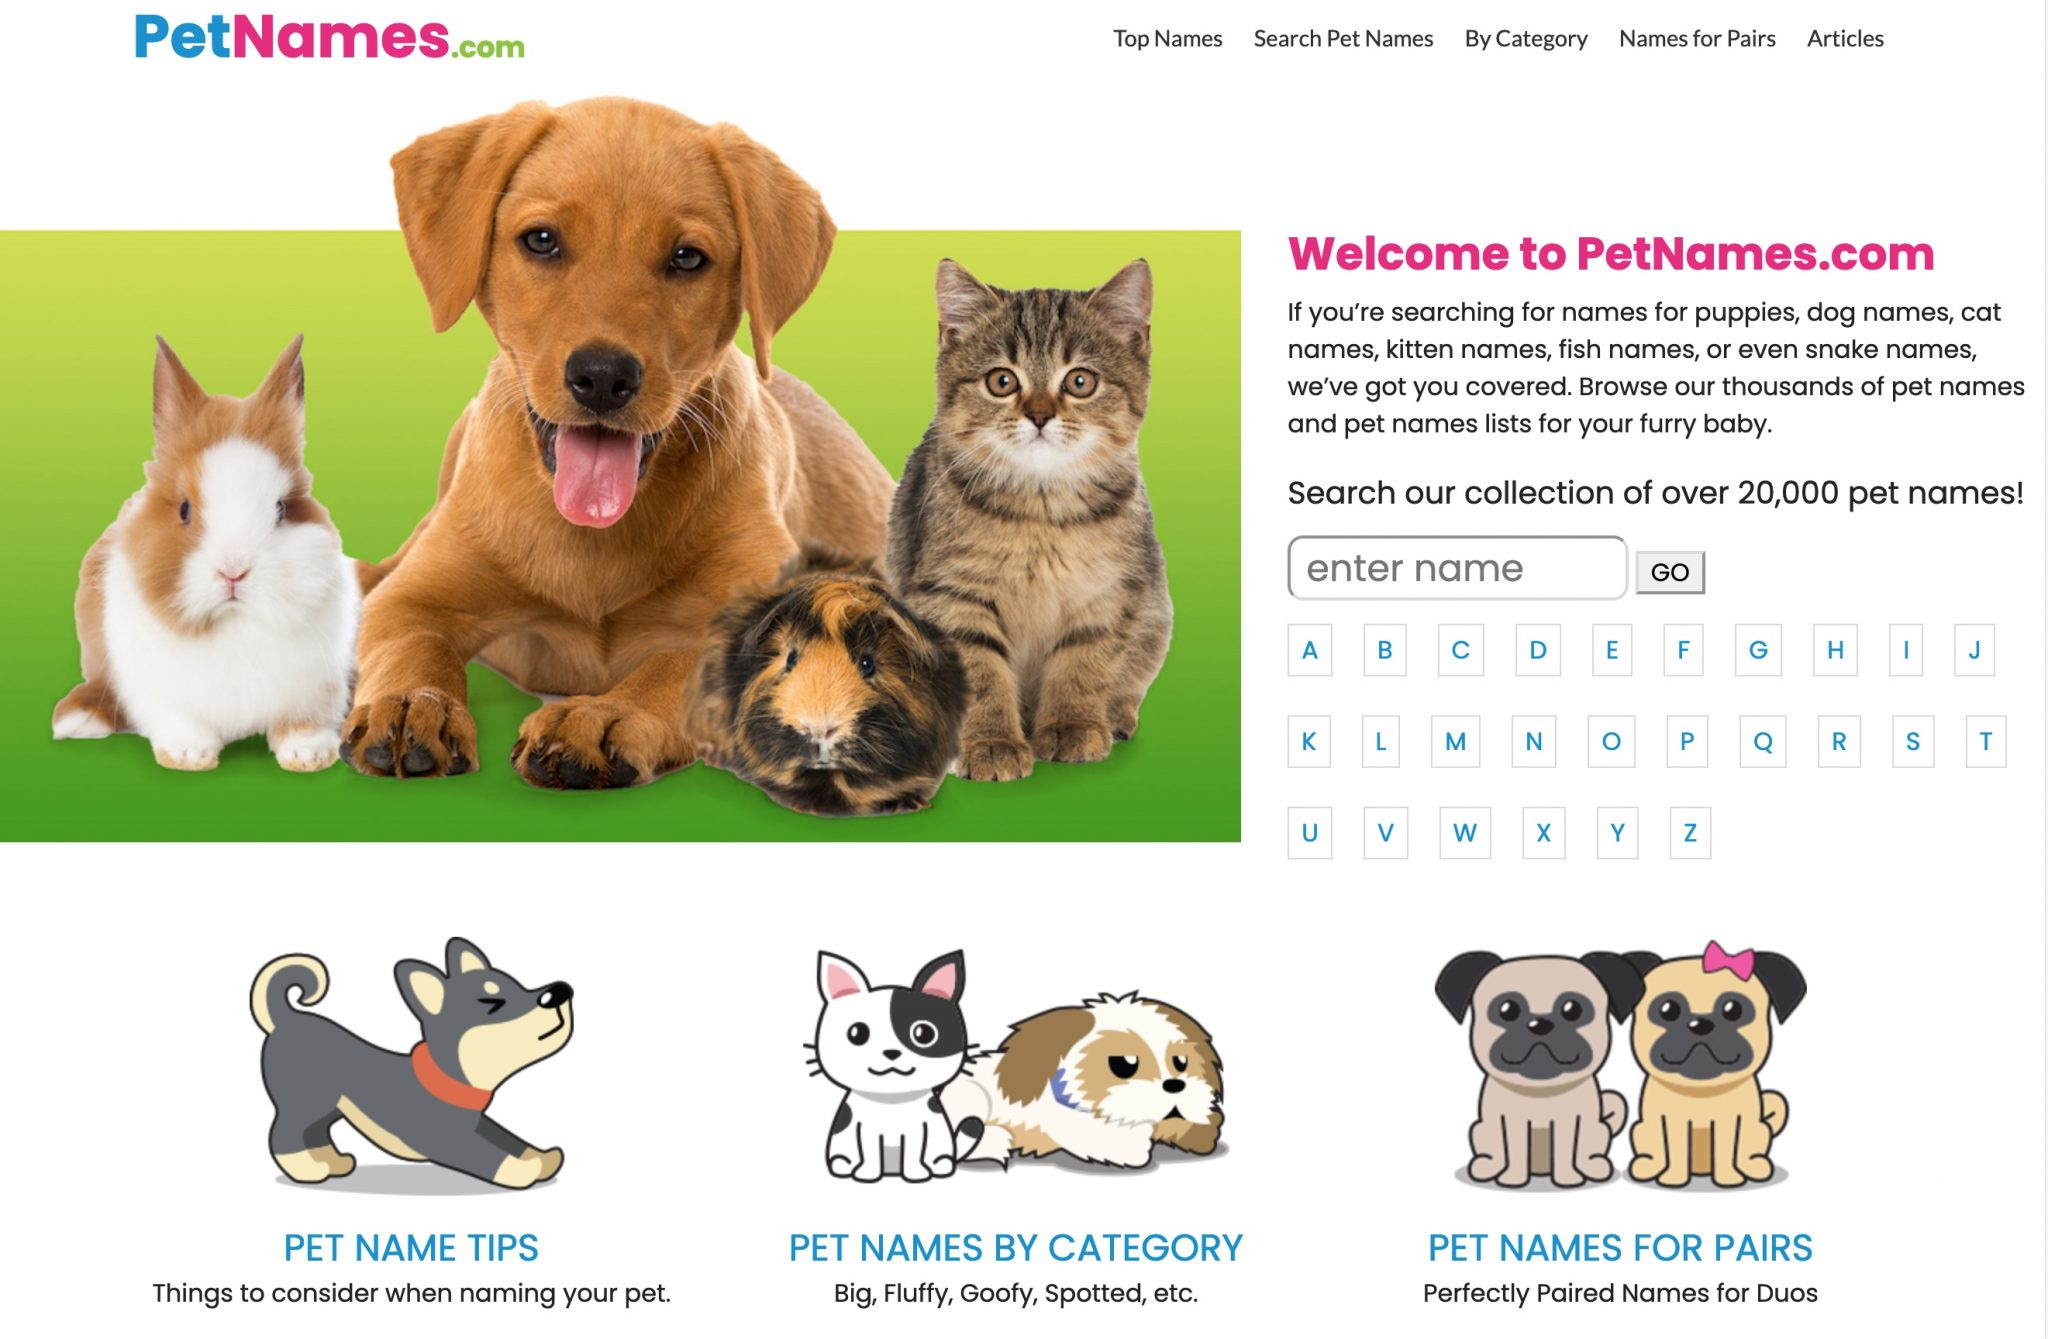 PetNames.com Screenshot